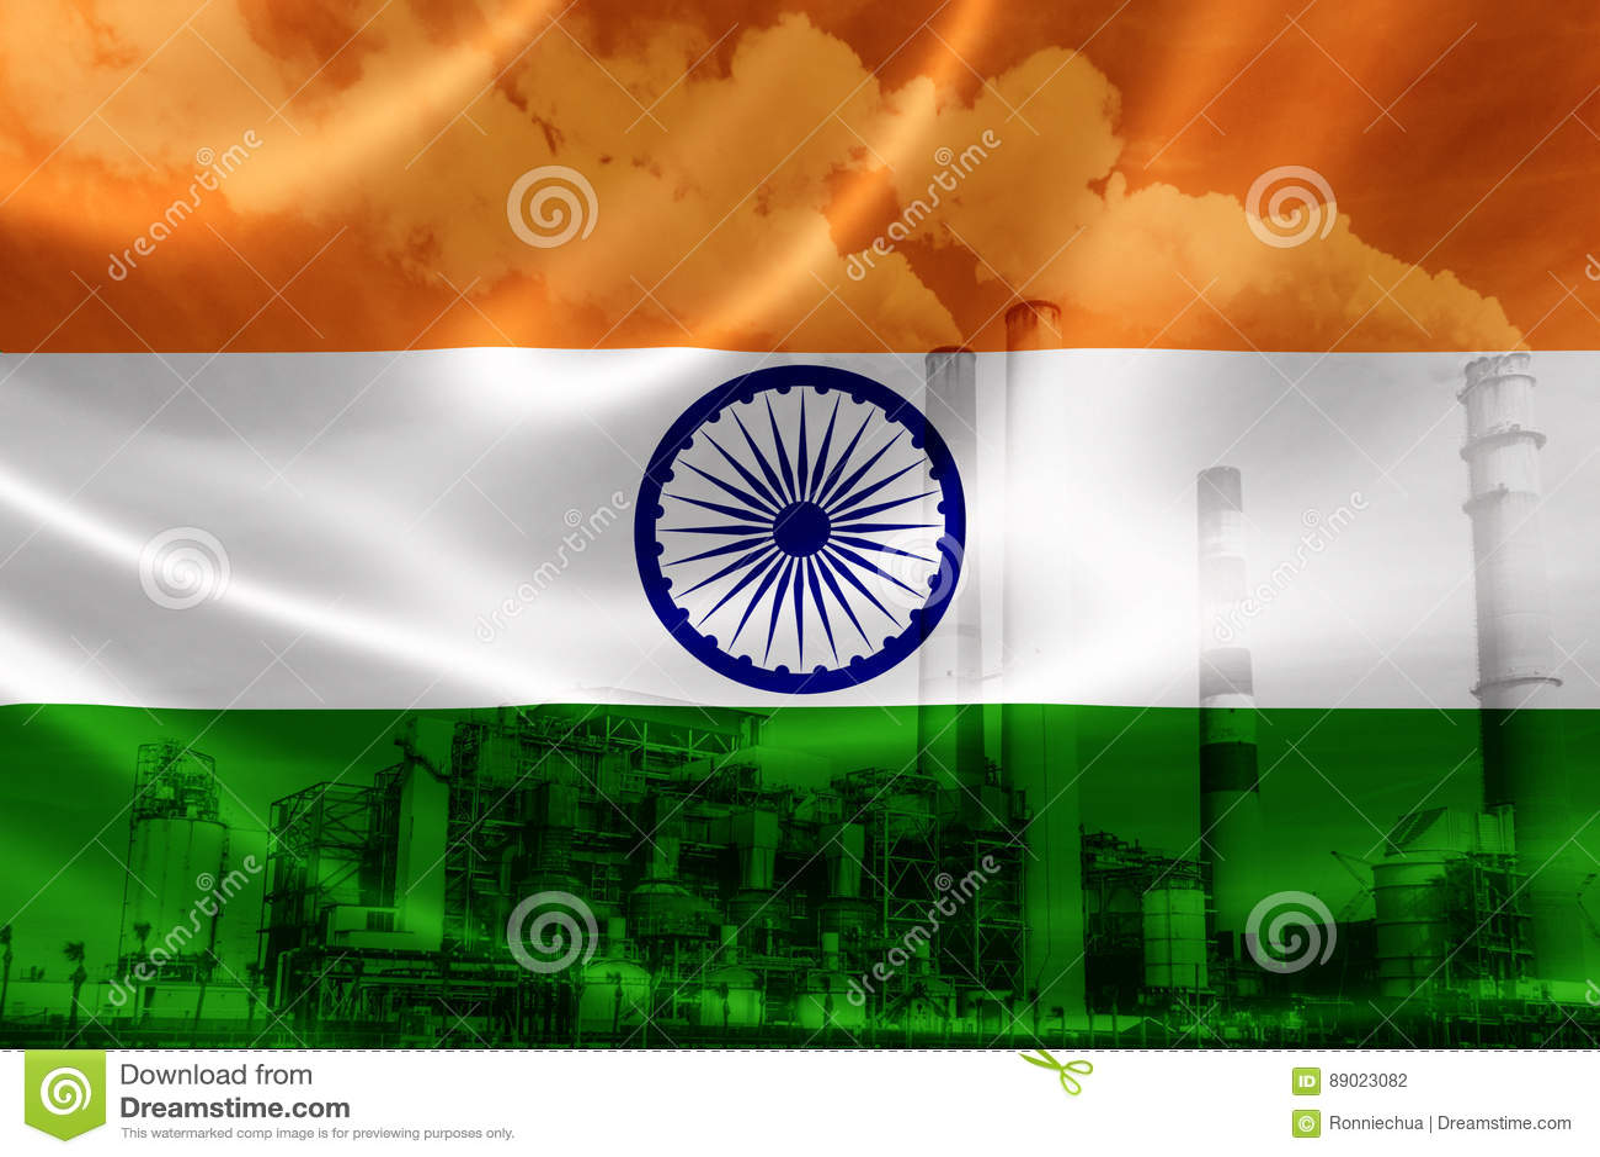 Industriële Verontreiniging in India